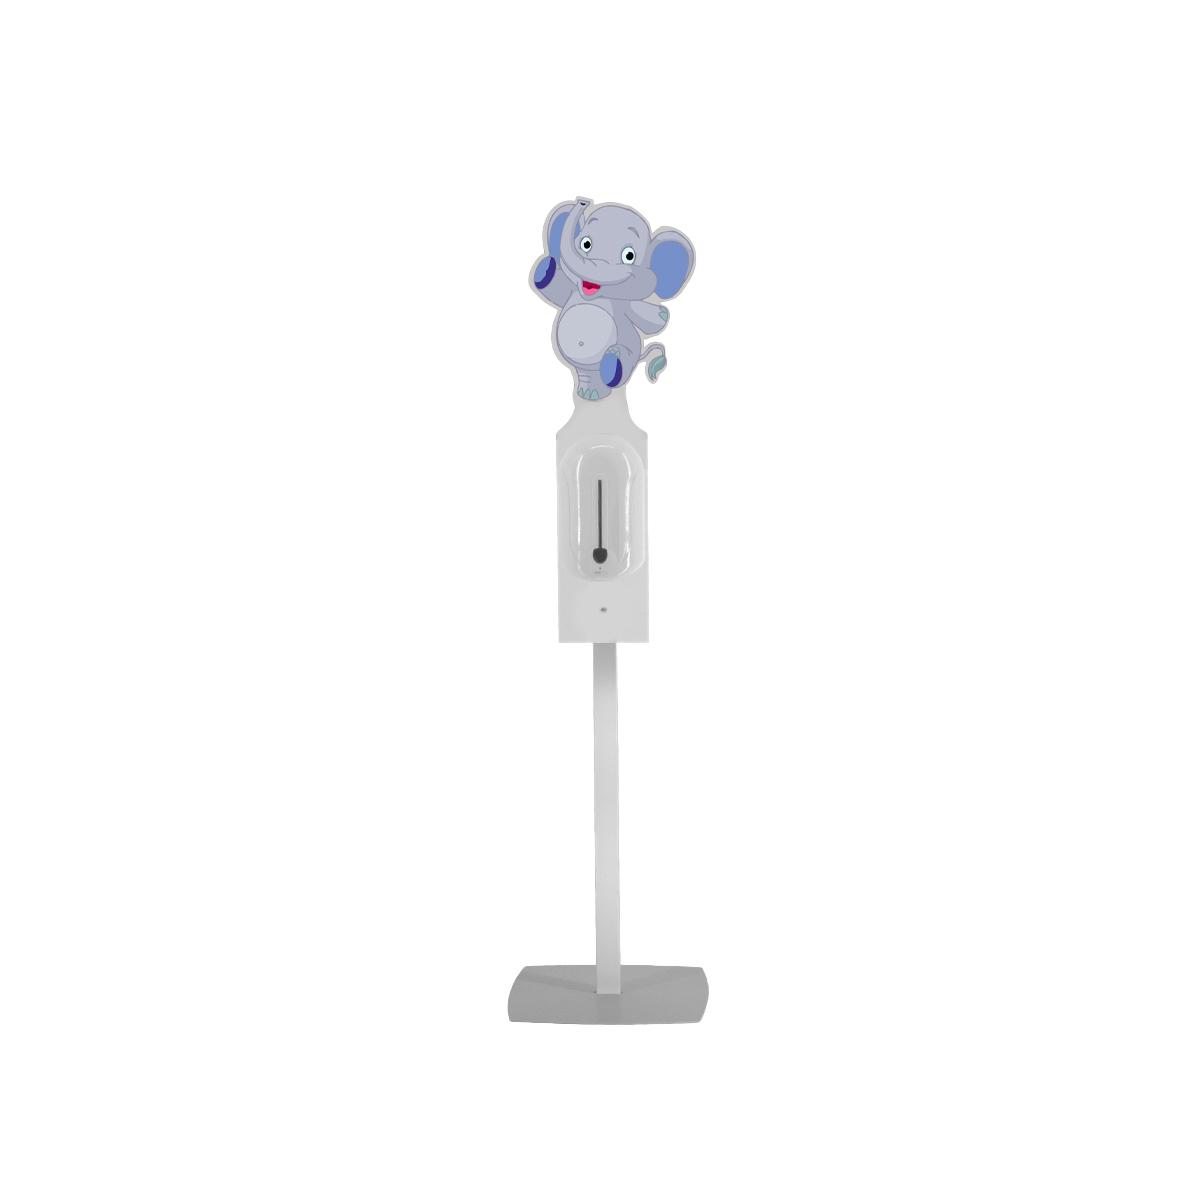 Stativ pentru copii cu header și dozator automat pentru dezinfectare mâini, JJ DISPLAYS